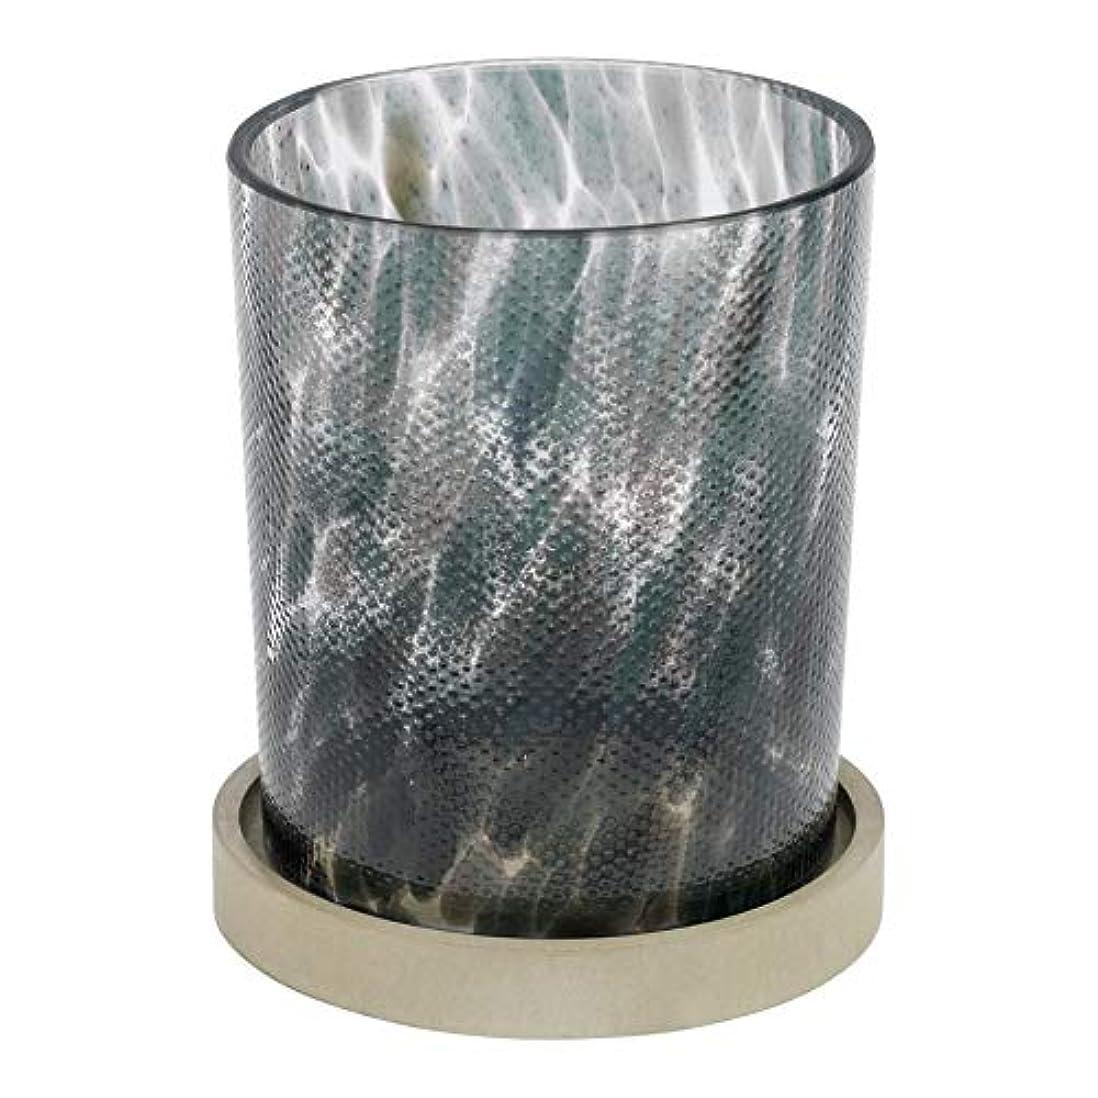 革新倒産標準[Diptyque] Diptyque黒ラBazareデュTrente-キャトルキャンドルホルダー - Diptyque Black La Bazare du Trente-Quatre Candle Holder [並行輸入品]